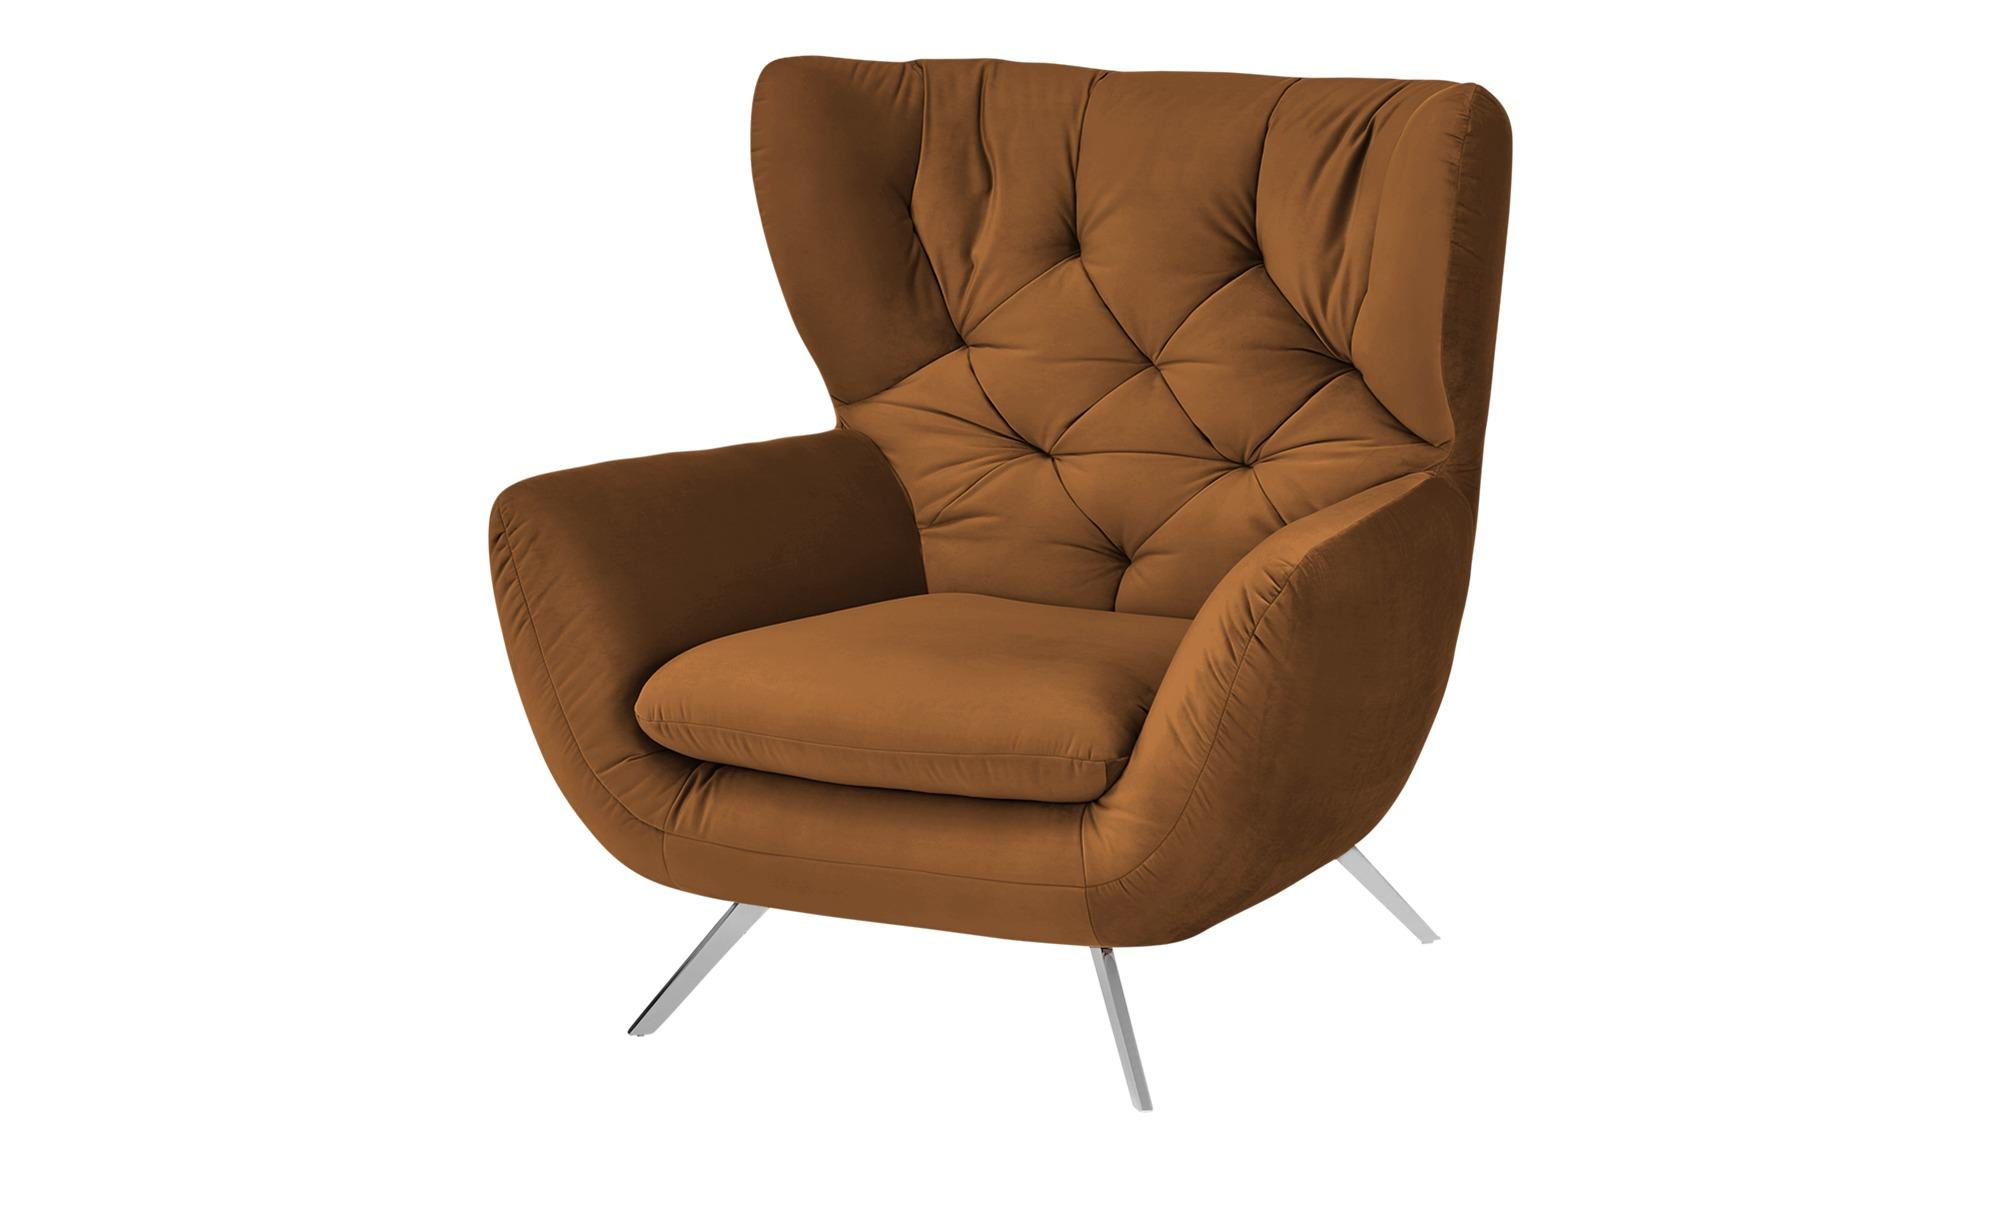 pop Hochlehnsessel  Caldara ¦ braun ¦ Maße (cm): B: 100 H: 106 T: 95 Polstermöbel > Sessel > Ohrensessel - Höffner